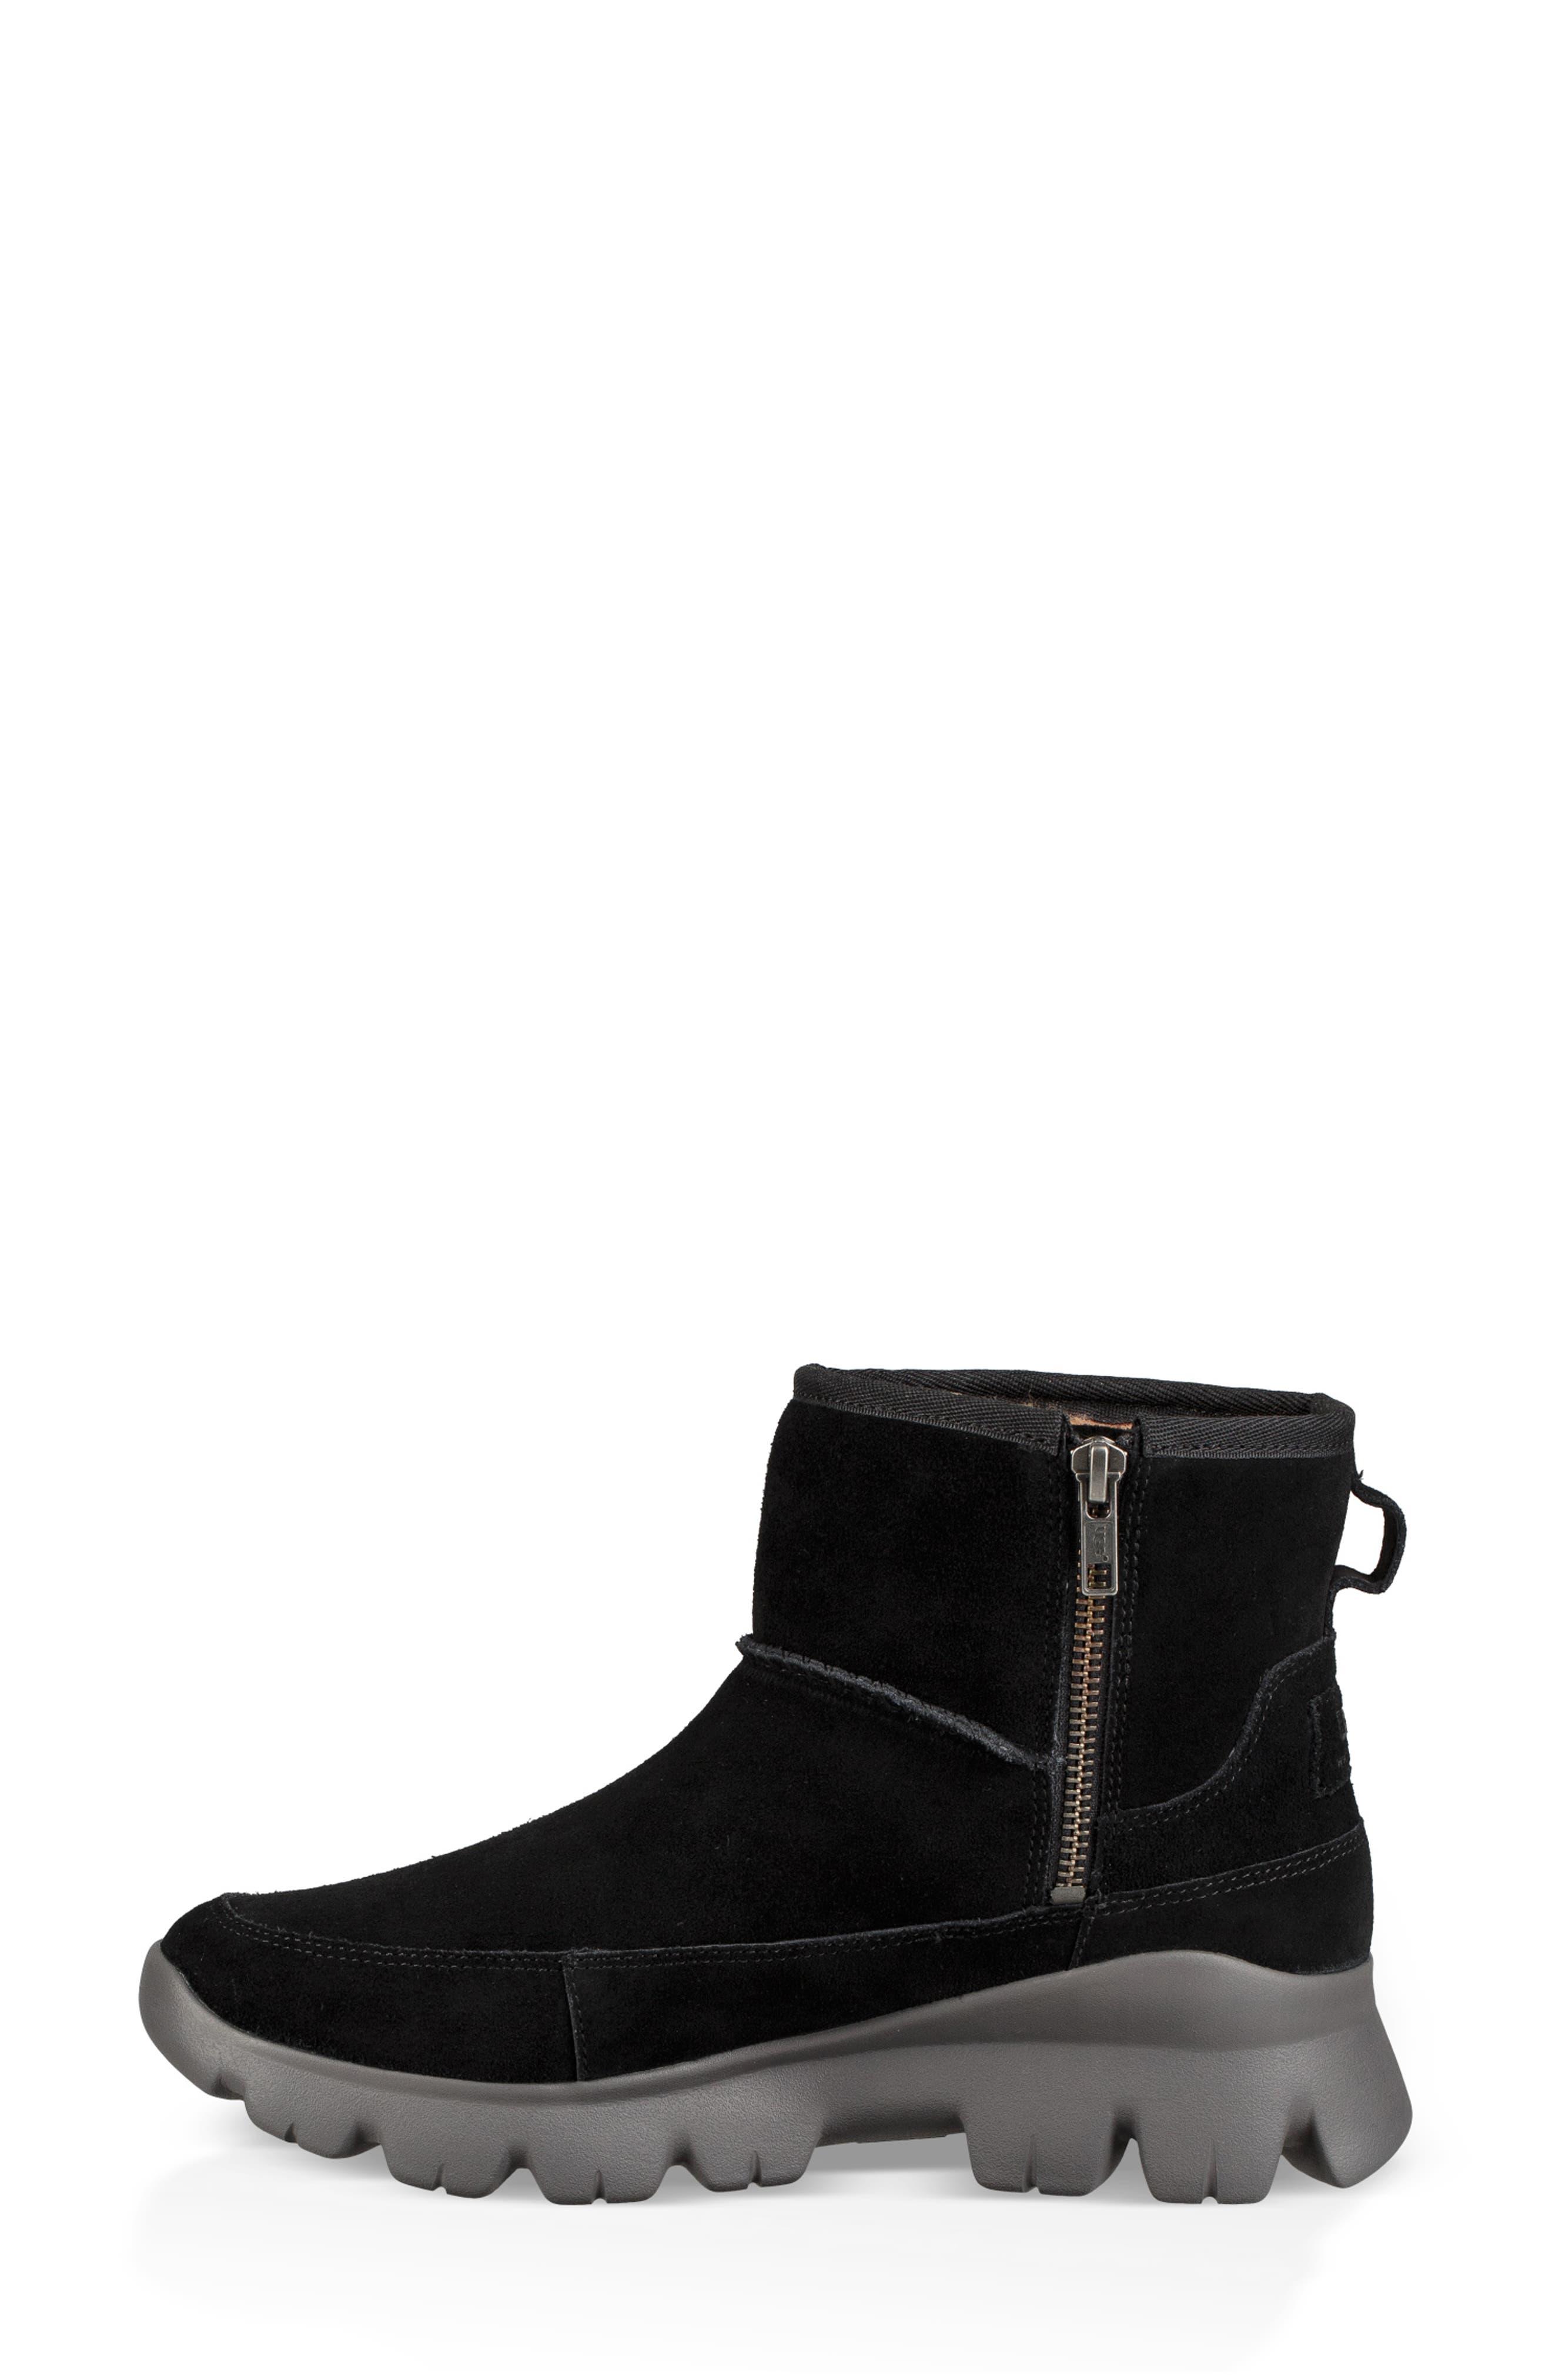 Palomar Waterproof Sneaker Bootie,                             Alternate thumbnail 6, color,                             BLACK/ CHARCOAL SUEDE